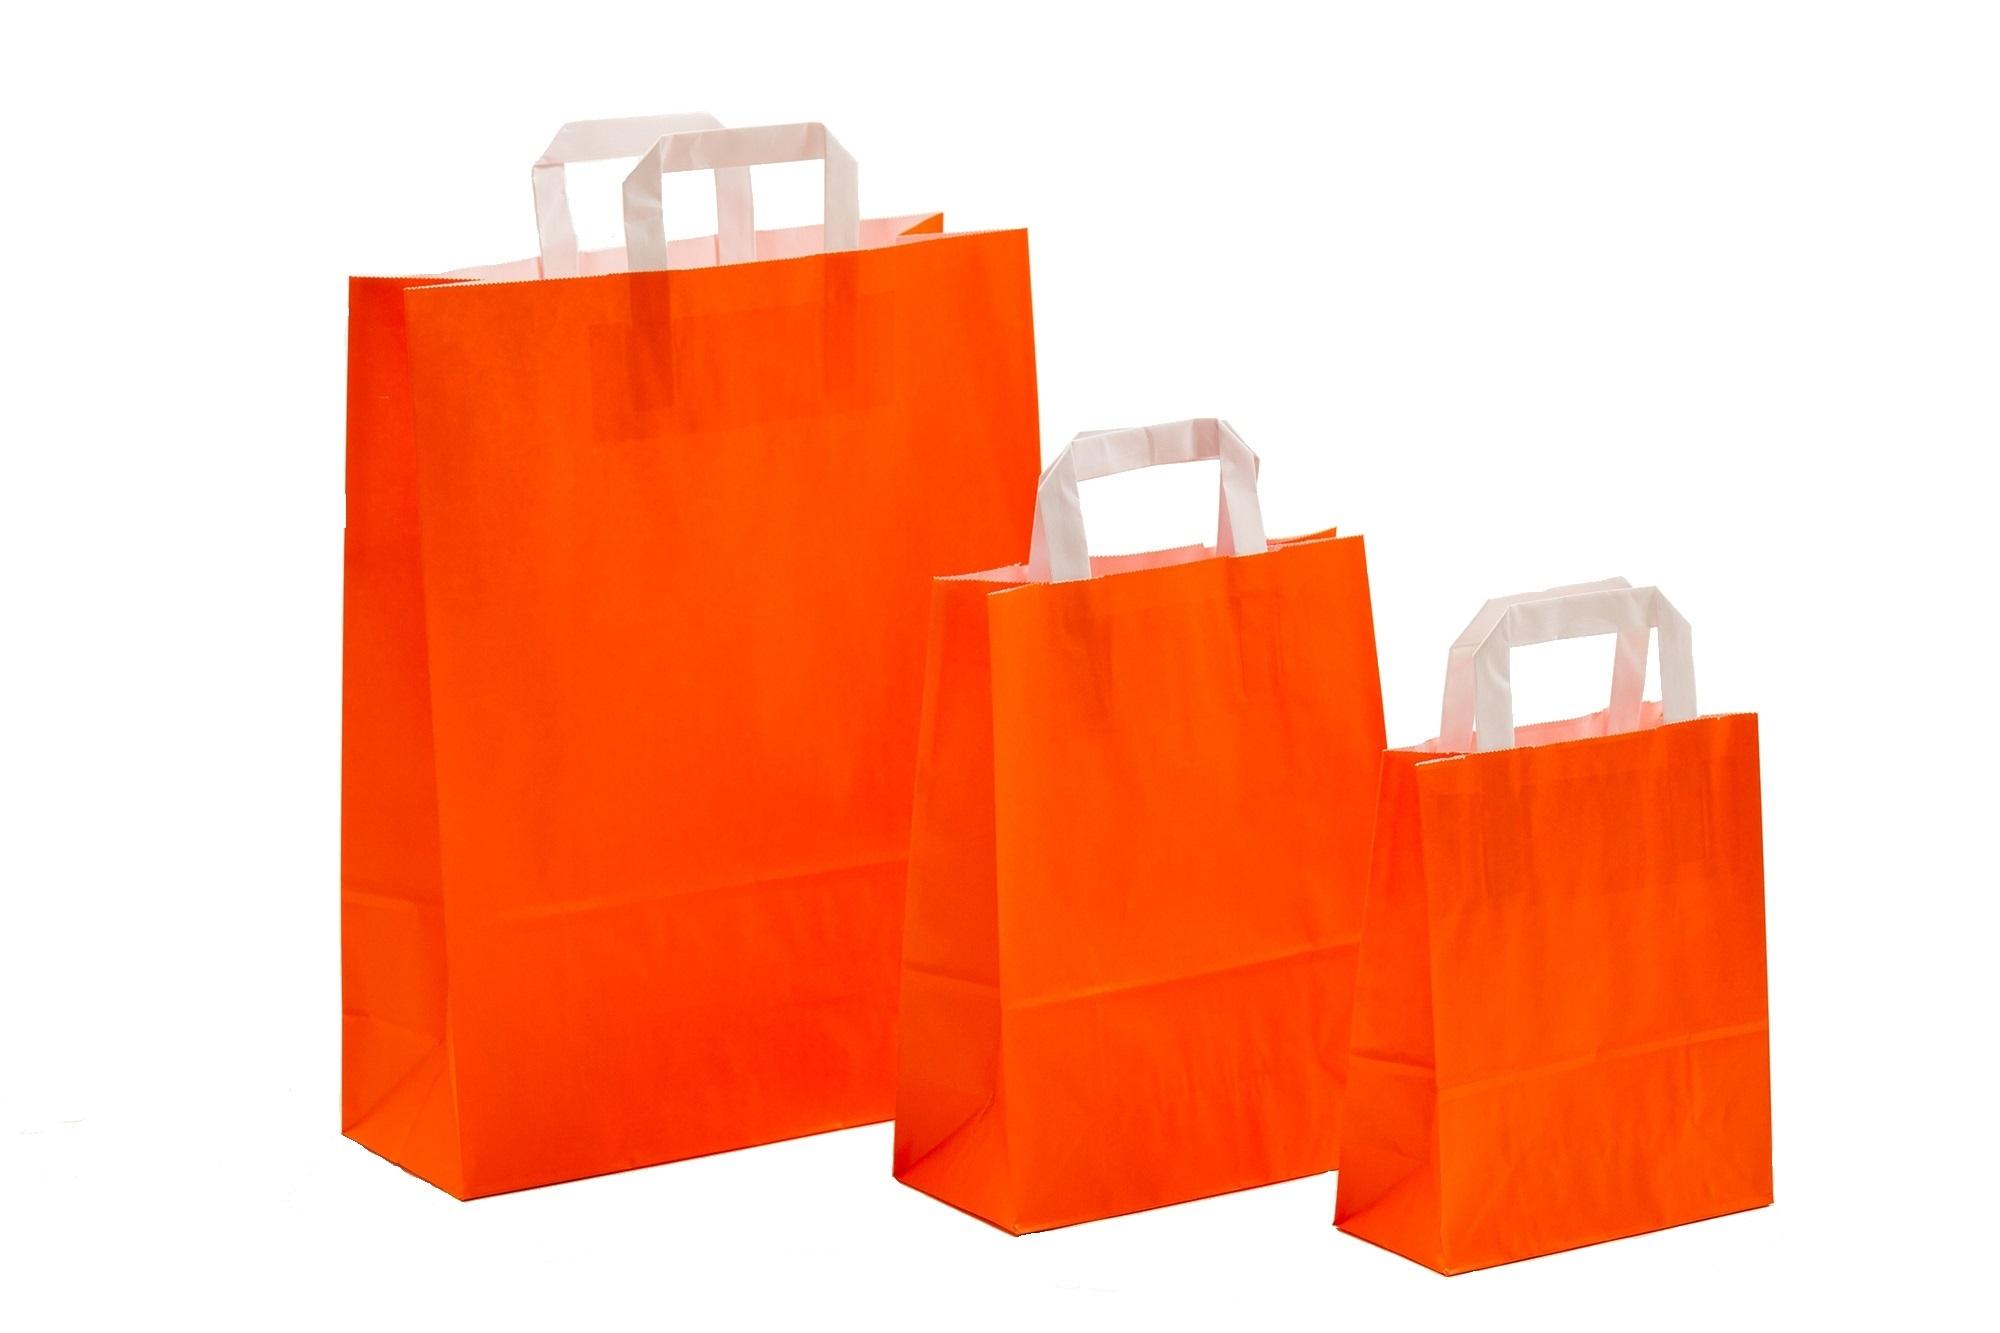 Papiertragetaschen UNI Orange mit Innenflachhenkel